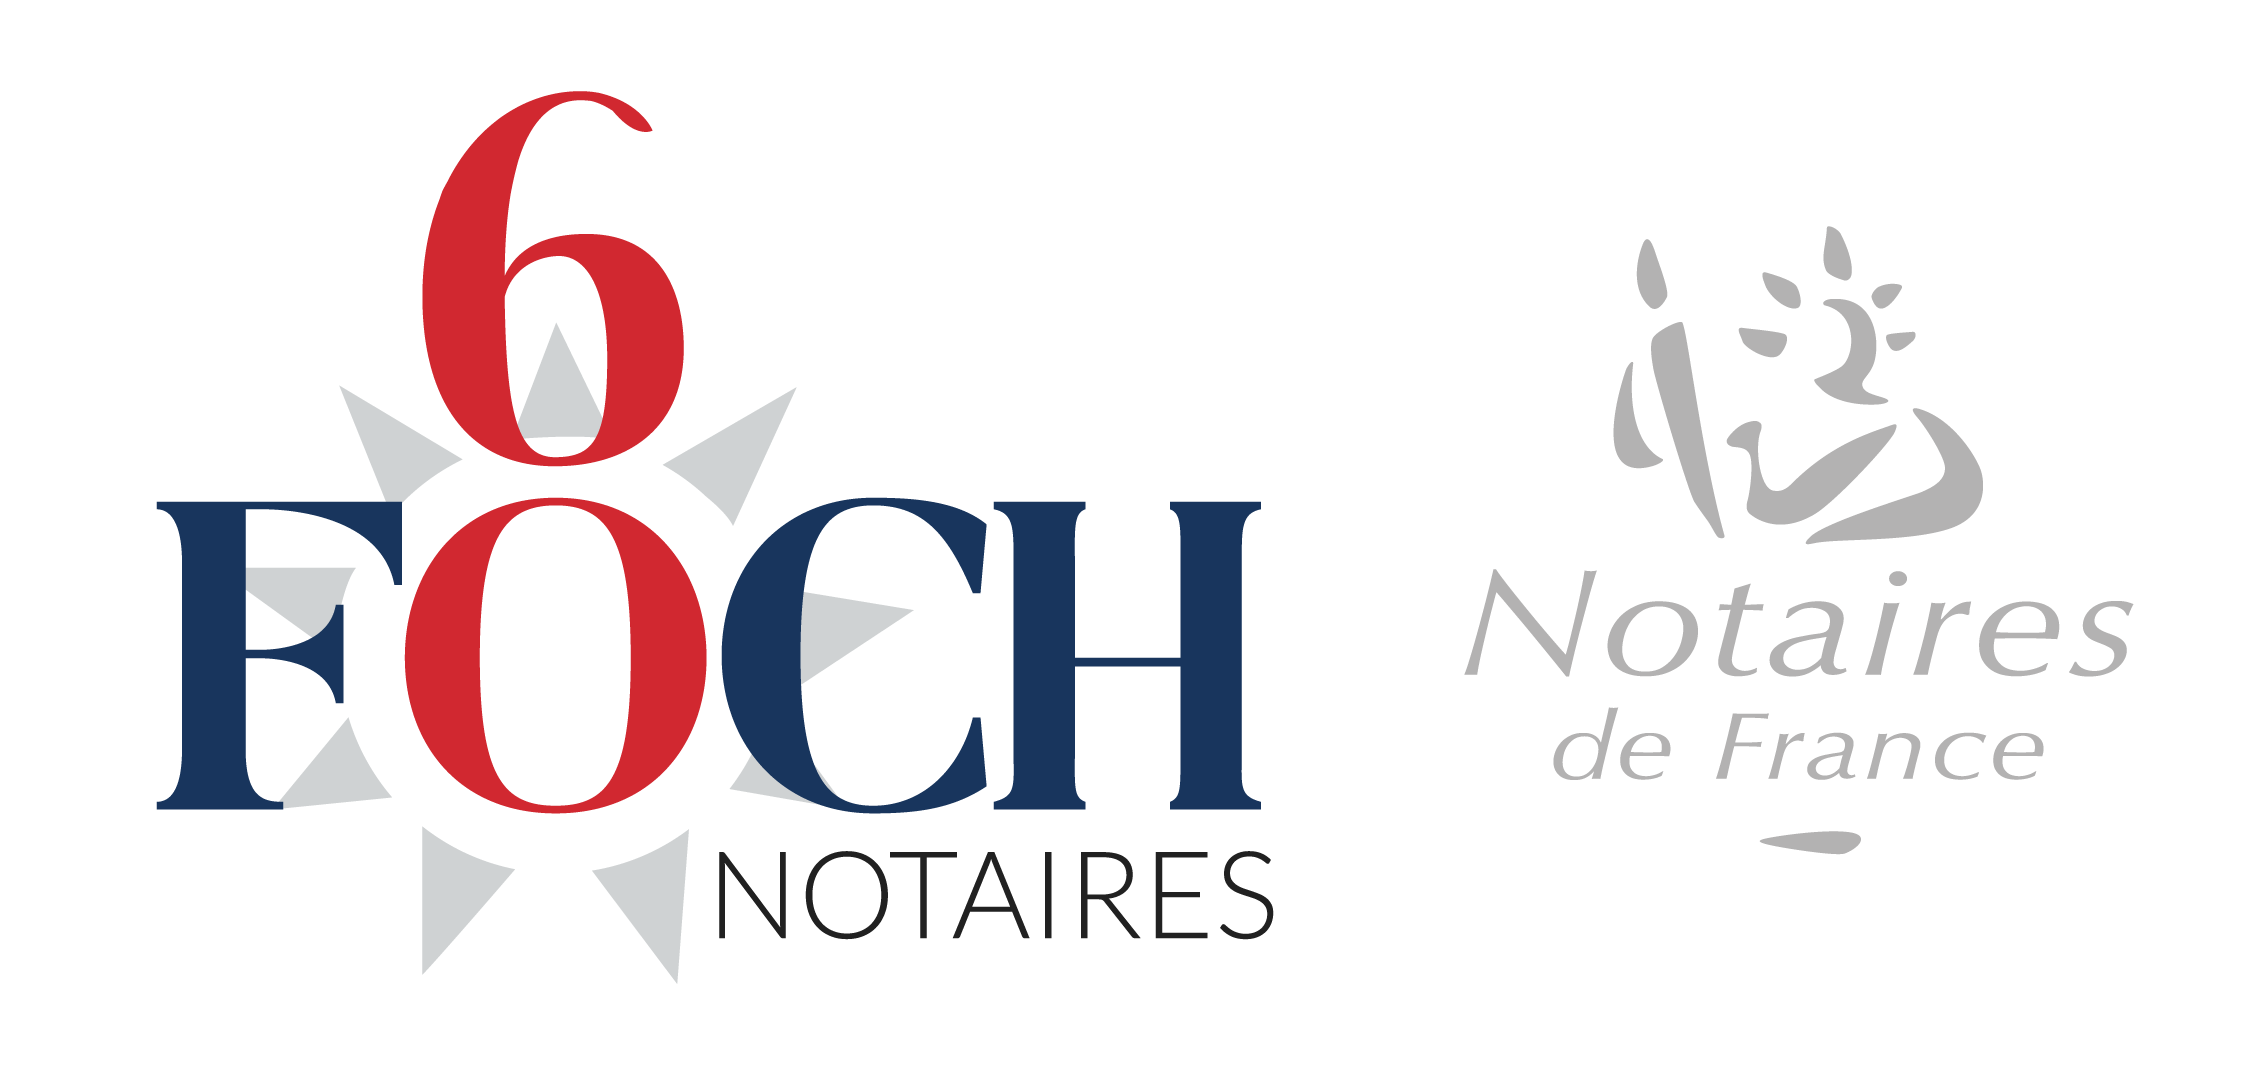 Foch Notaires Versailles